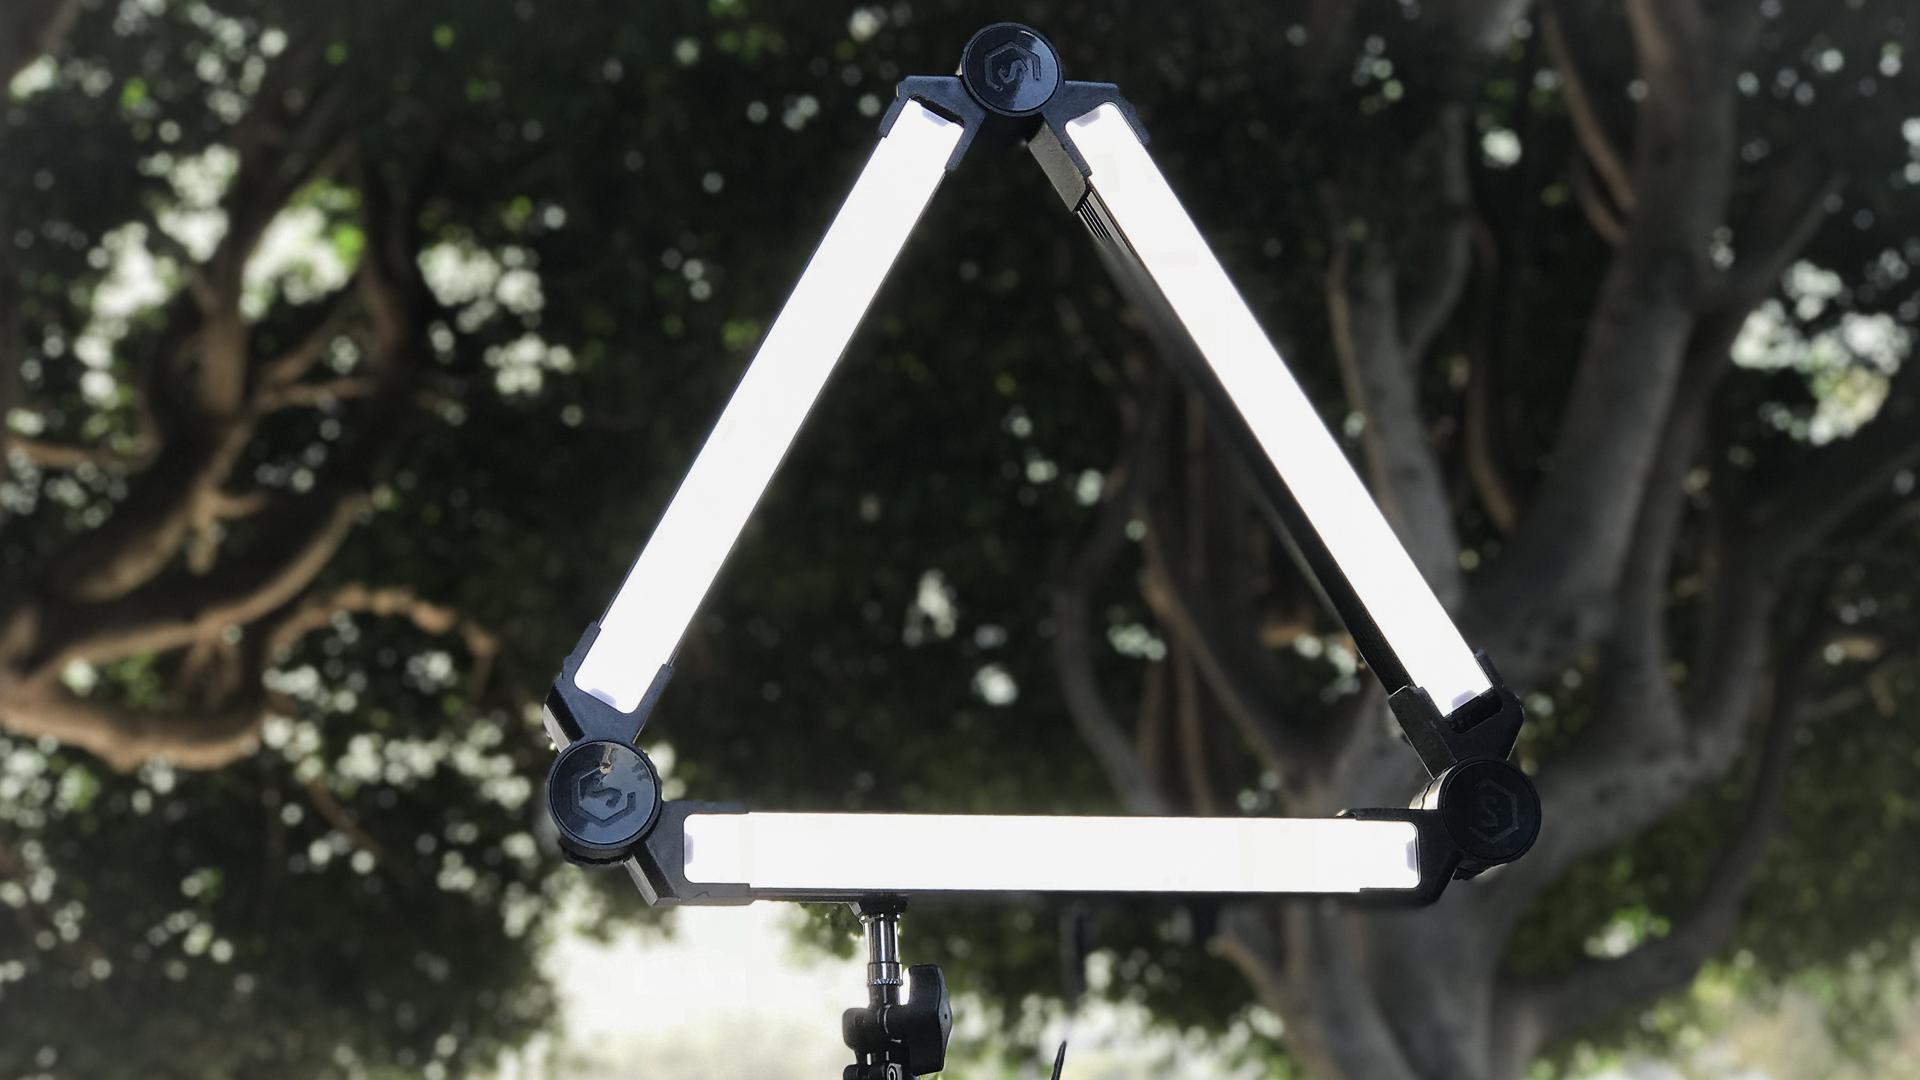 Spekular Core LEDライトレビュー - 変化自在なLEDライト